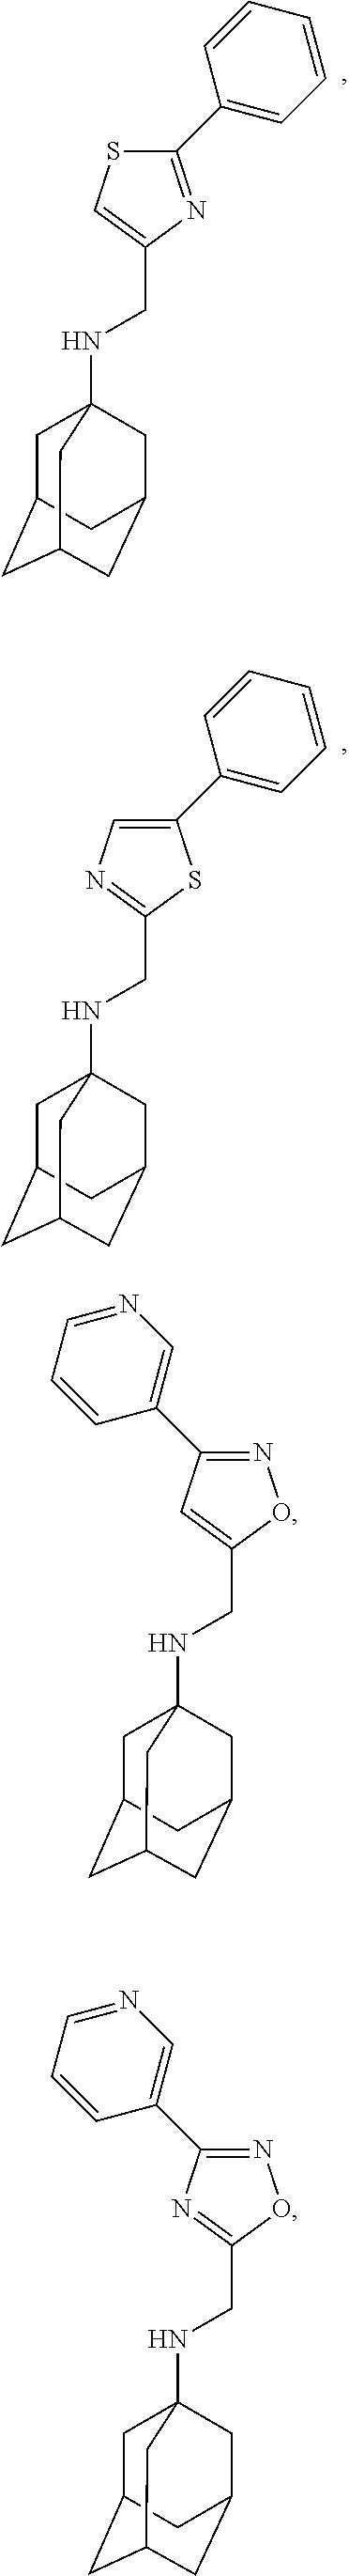 Figure US09884832-20180206-C00056